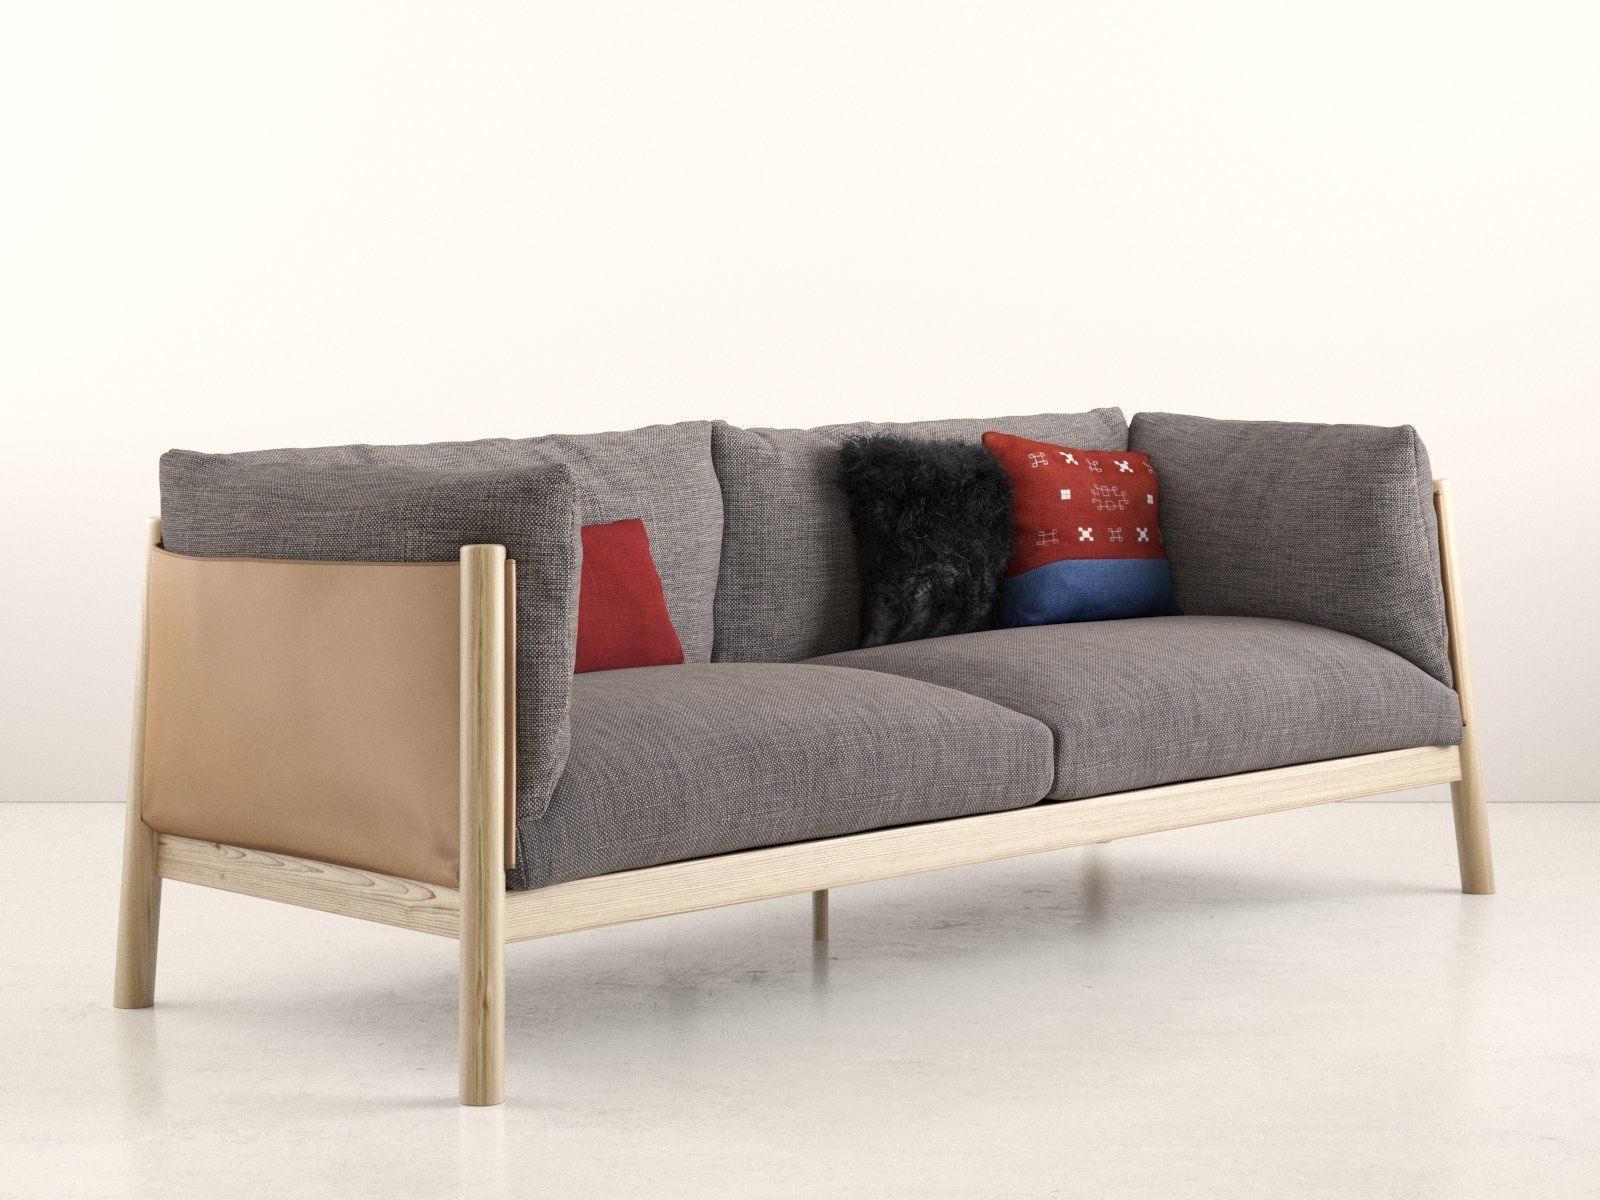 Yak Sofa 3D model MAX OBJ FBX C4D SKP MXS